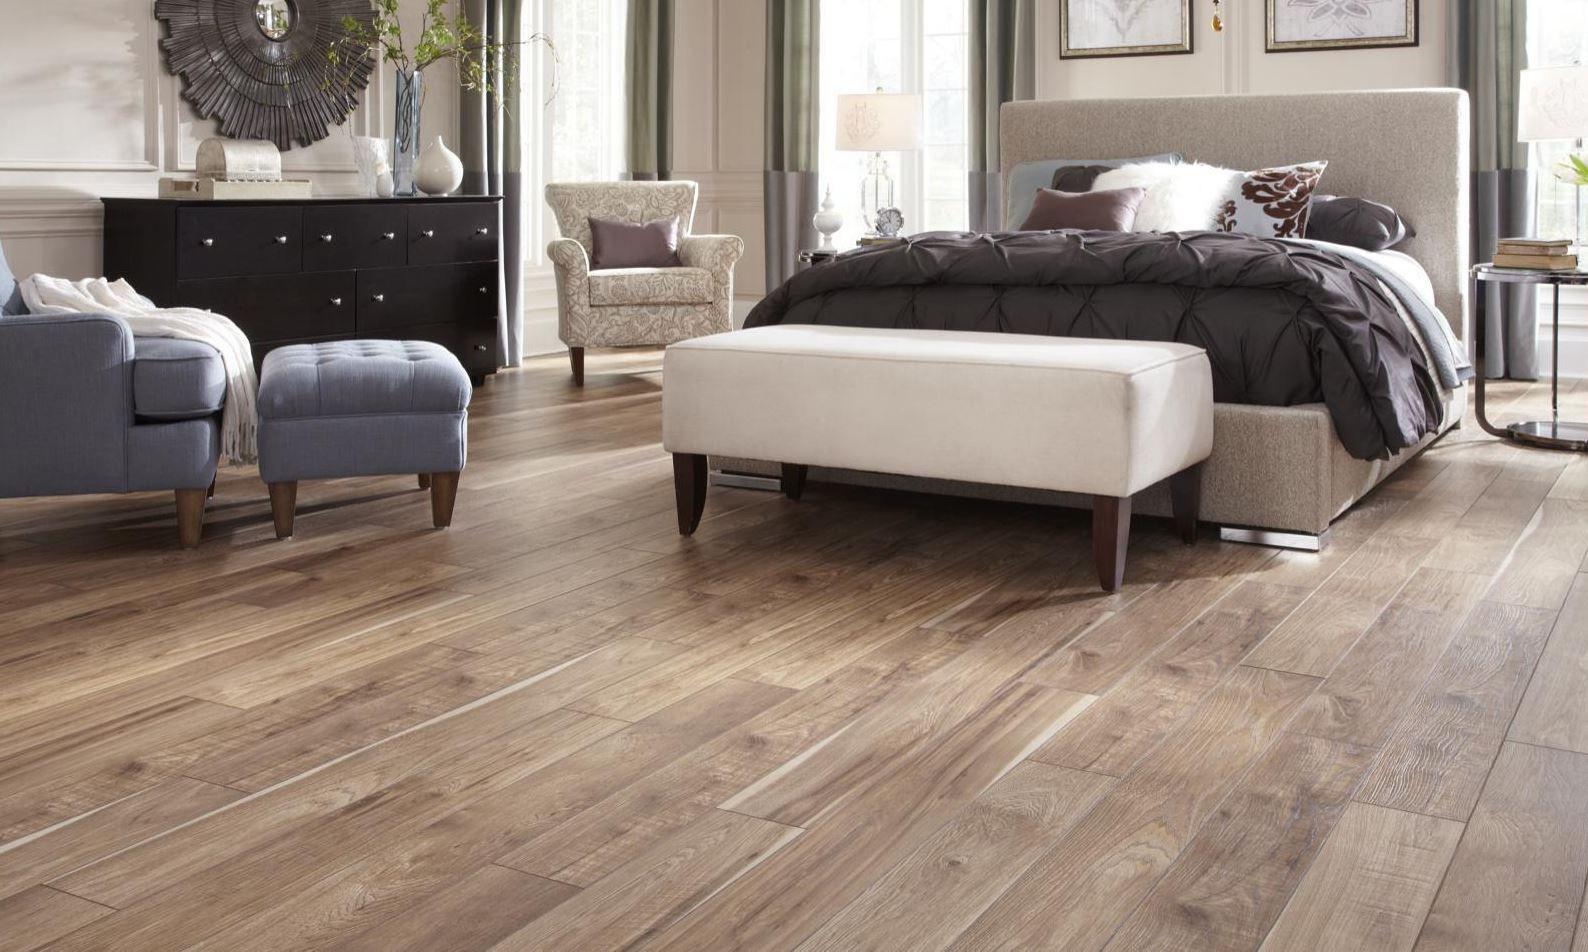 hardwood floor color samples of luxury vinyl plank flooring that looks like wood intended for mannington adura luxury vinyl plank flooring 57aa7d065f9b58974a2be49e jpg